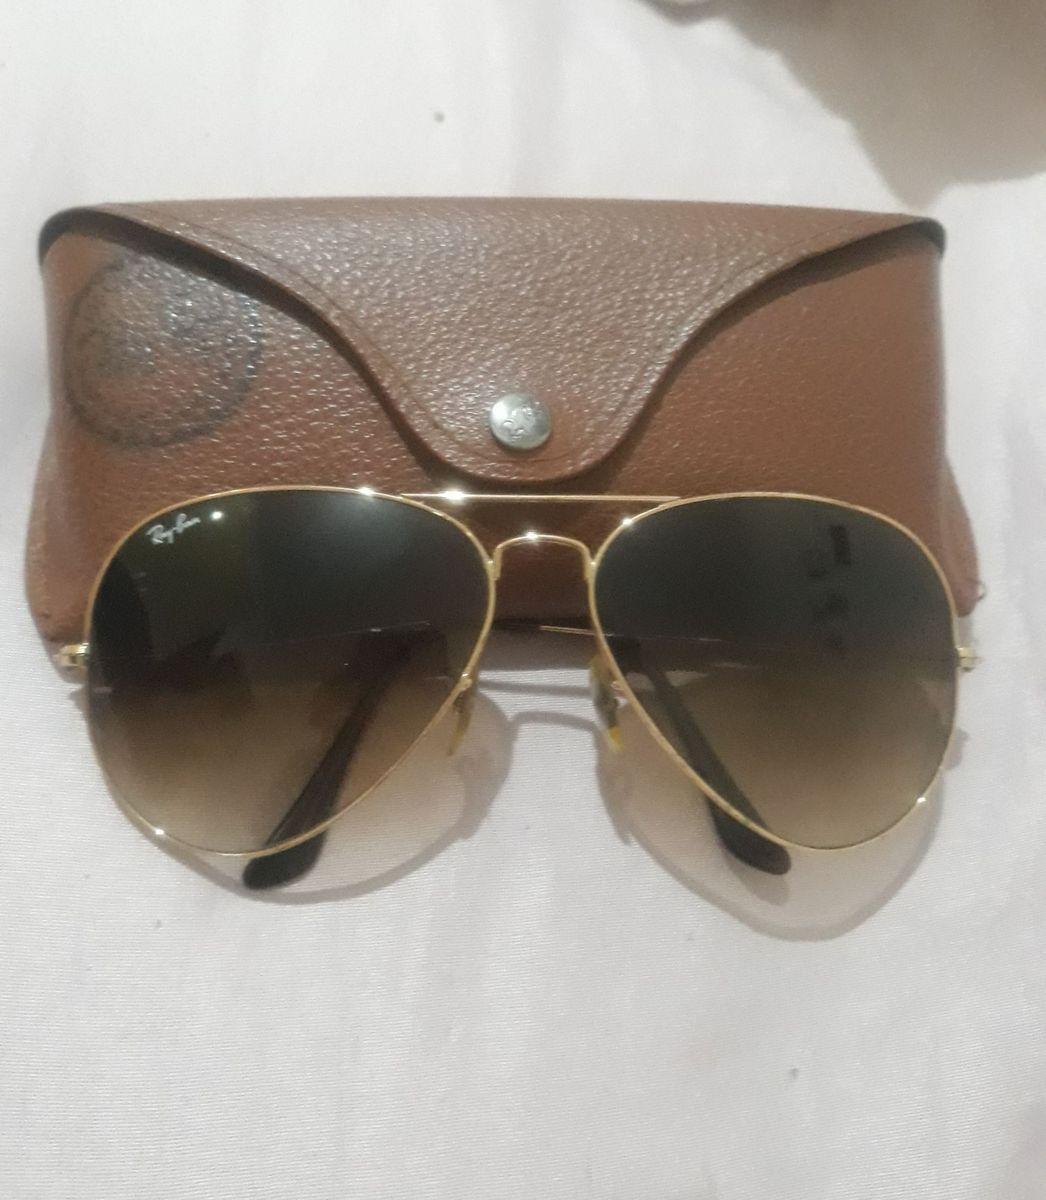 óculo original rayban masculino - óculos rayban.  Czm6ly9wag90b3muzw5qb2vplmnvbs5ici9wcm9kdwn0cy85mzuwnjkvywuwzddmntnkyjjmnty2ymi3ogm3zwq0zjrjnwvimwiuanbn 463ef7999c